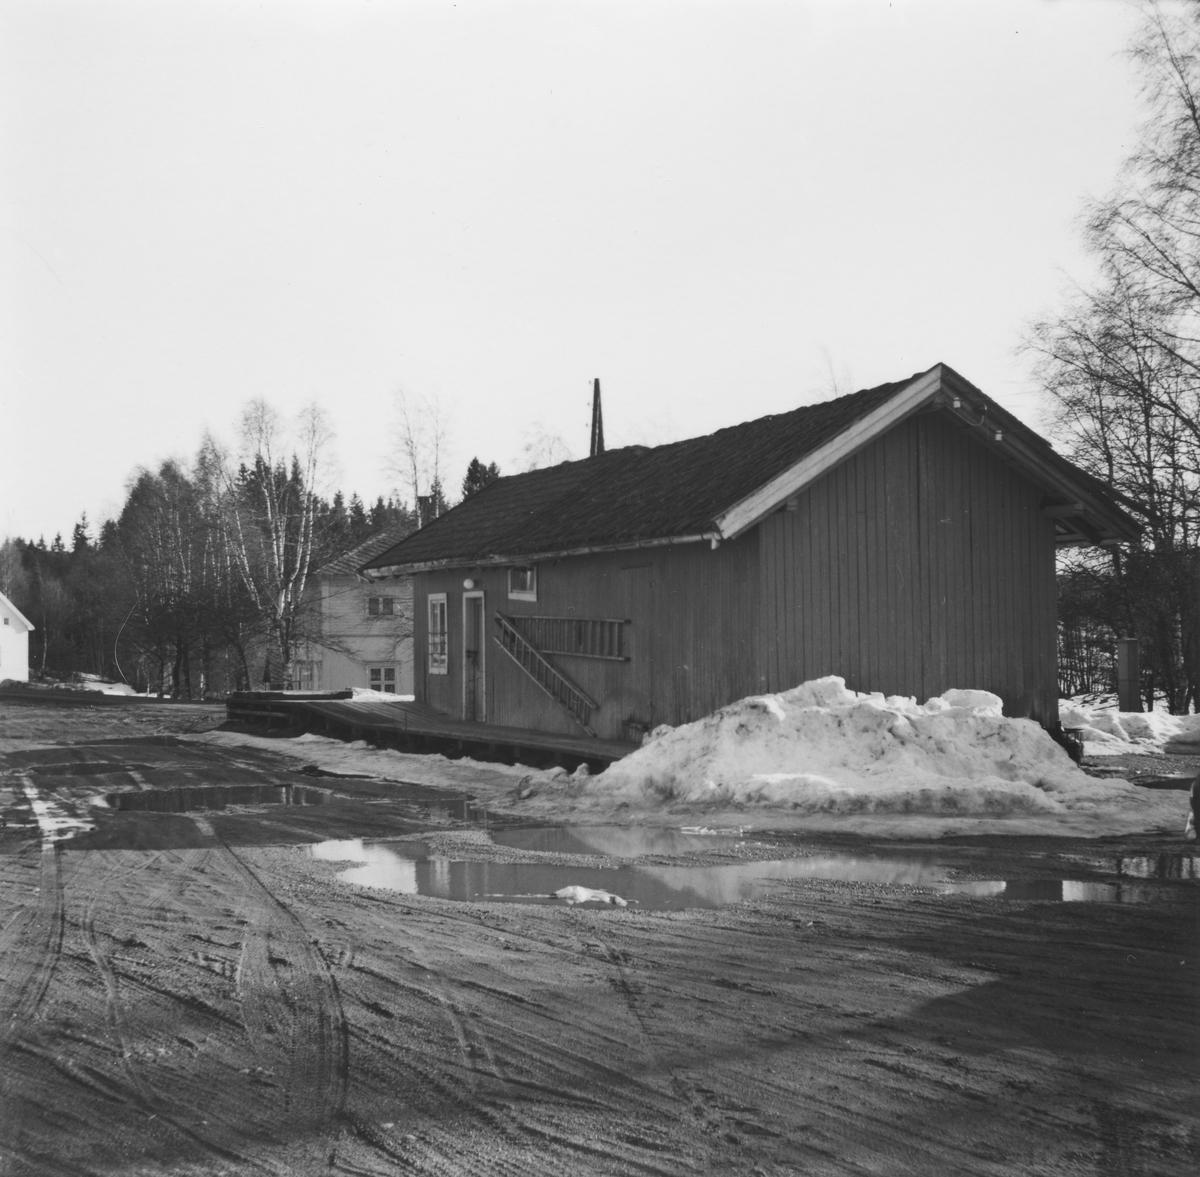 Godshuset på Aurskog stasjon syv år etter nedleggelsen. Den delen av godshuset som er lengst vekk fra fotografen er den opprinnelige stasjonsbygningen på Aurskog (Urskog).